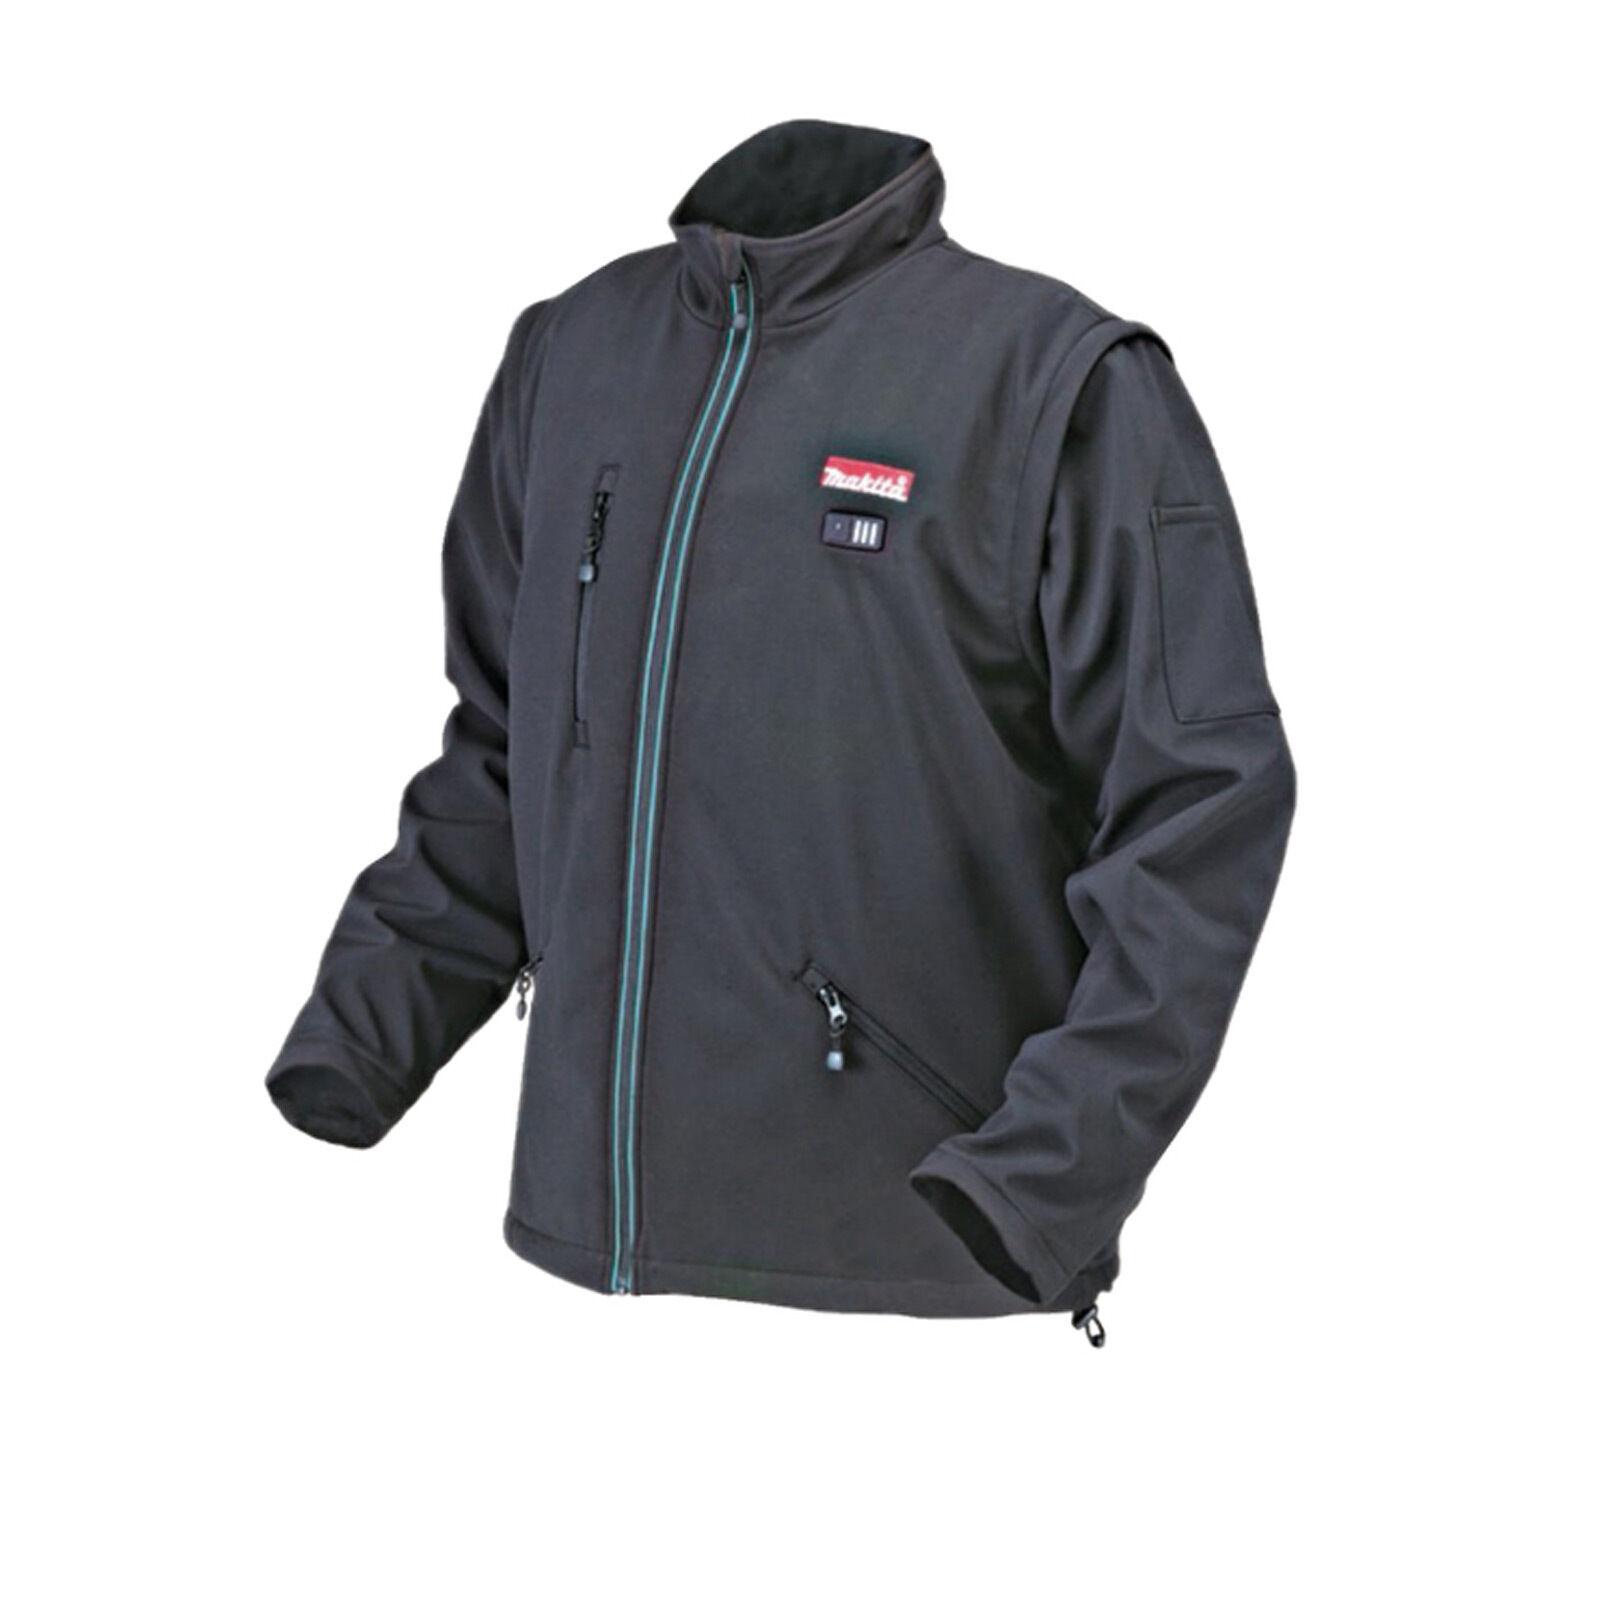 Makita Softshell Jacke Größe S-XXXL 10,8 V Akku-Heizjacke Heizweste Outdoorjacke